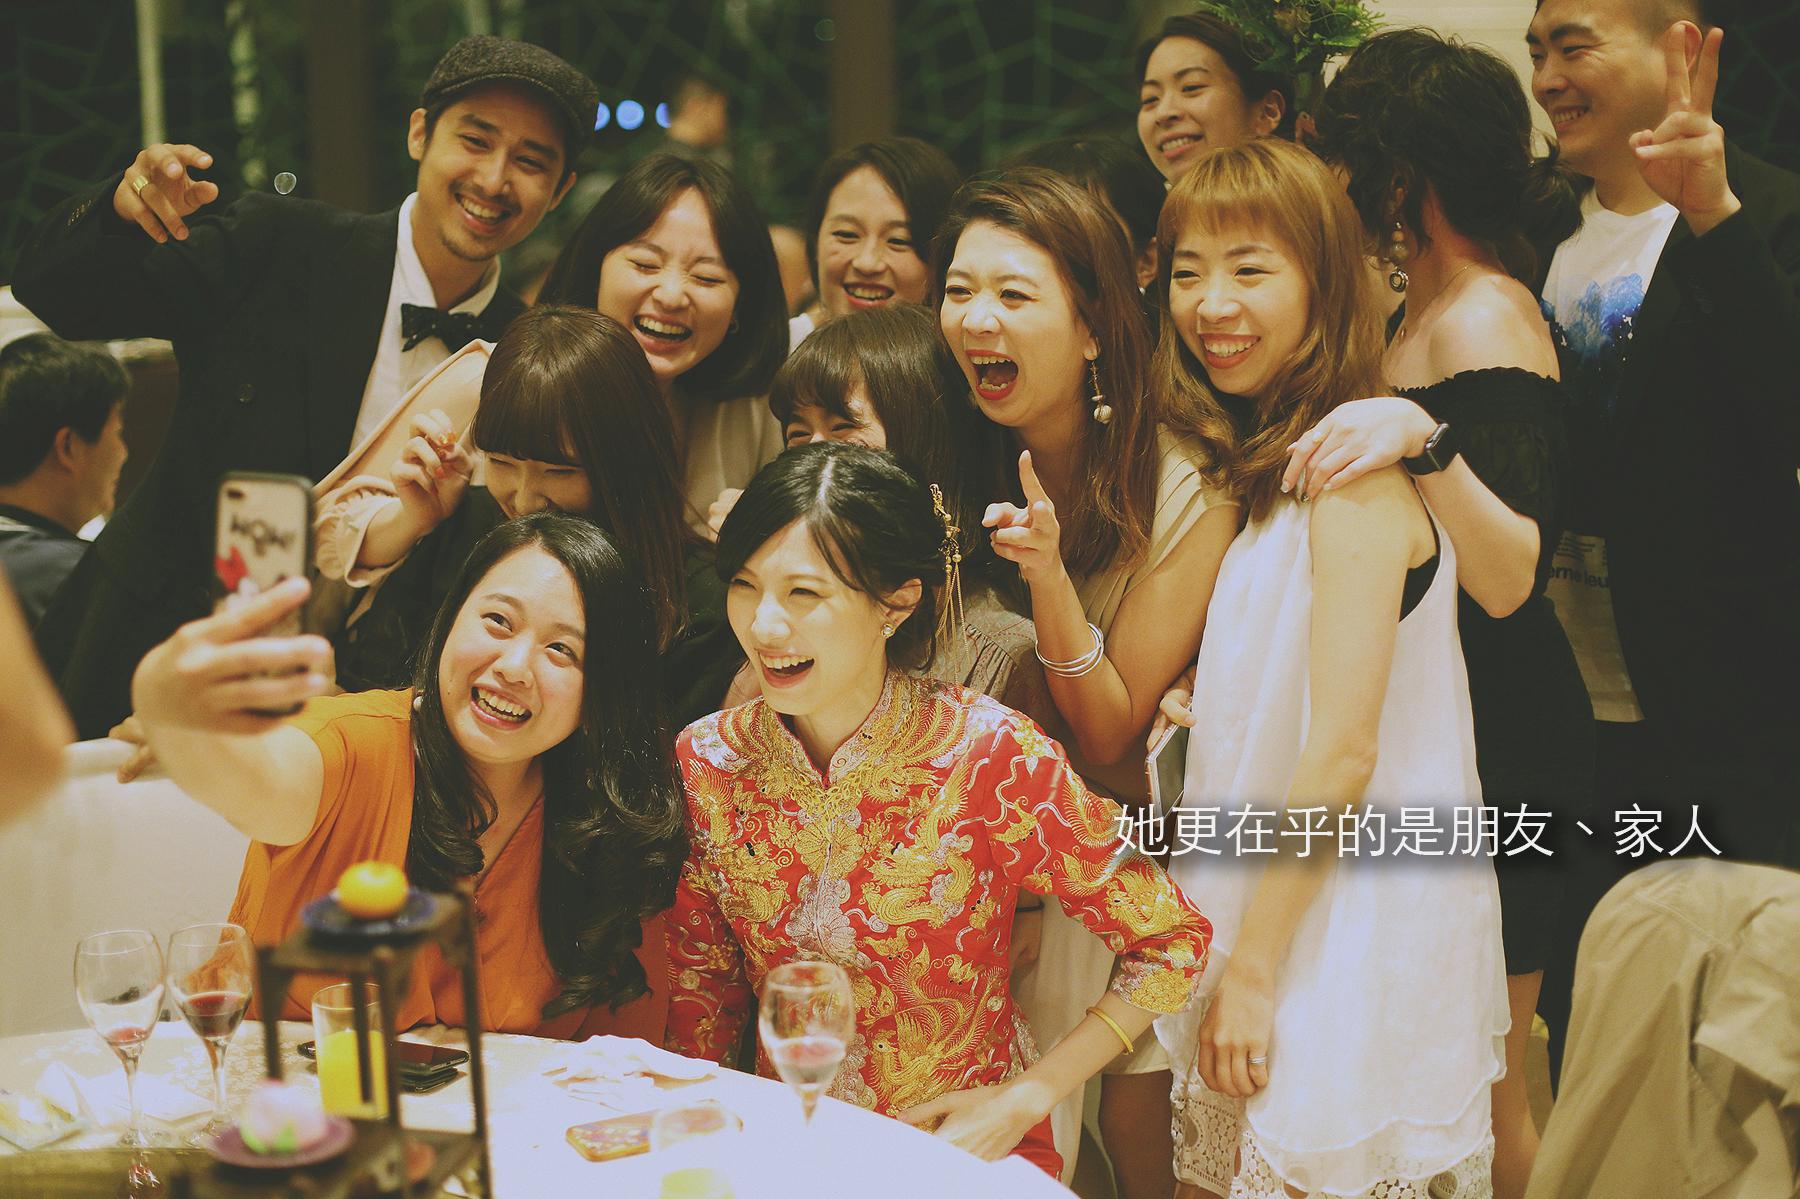 底片婚攝,婚禮攝影,婚禮攝影師推薦,台北,故宮晶華,婚攝推薦,婚禮紀錄,電影風格